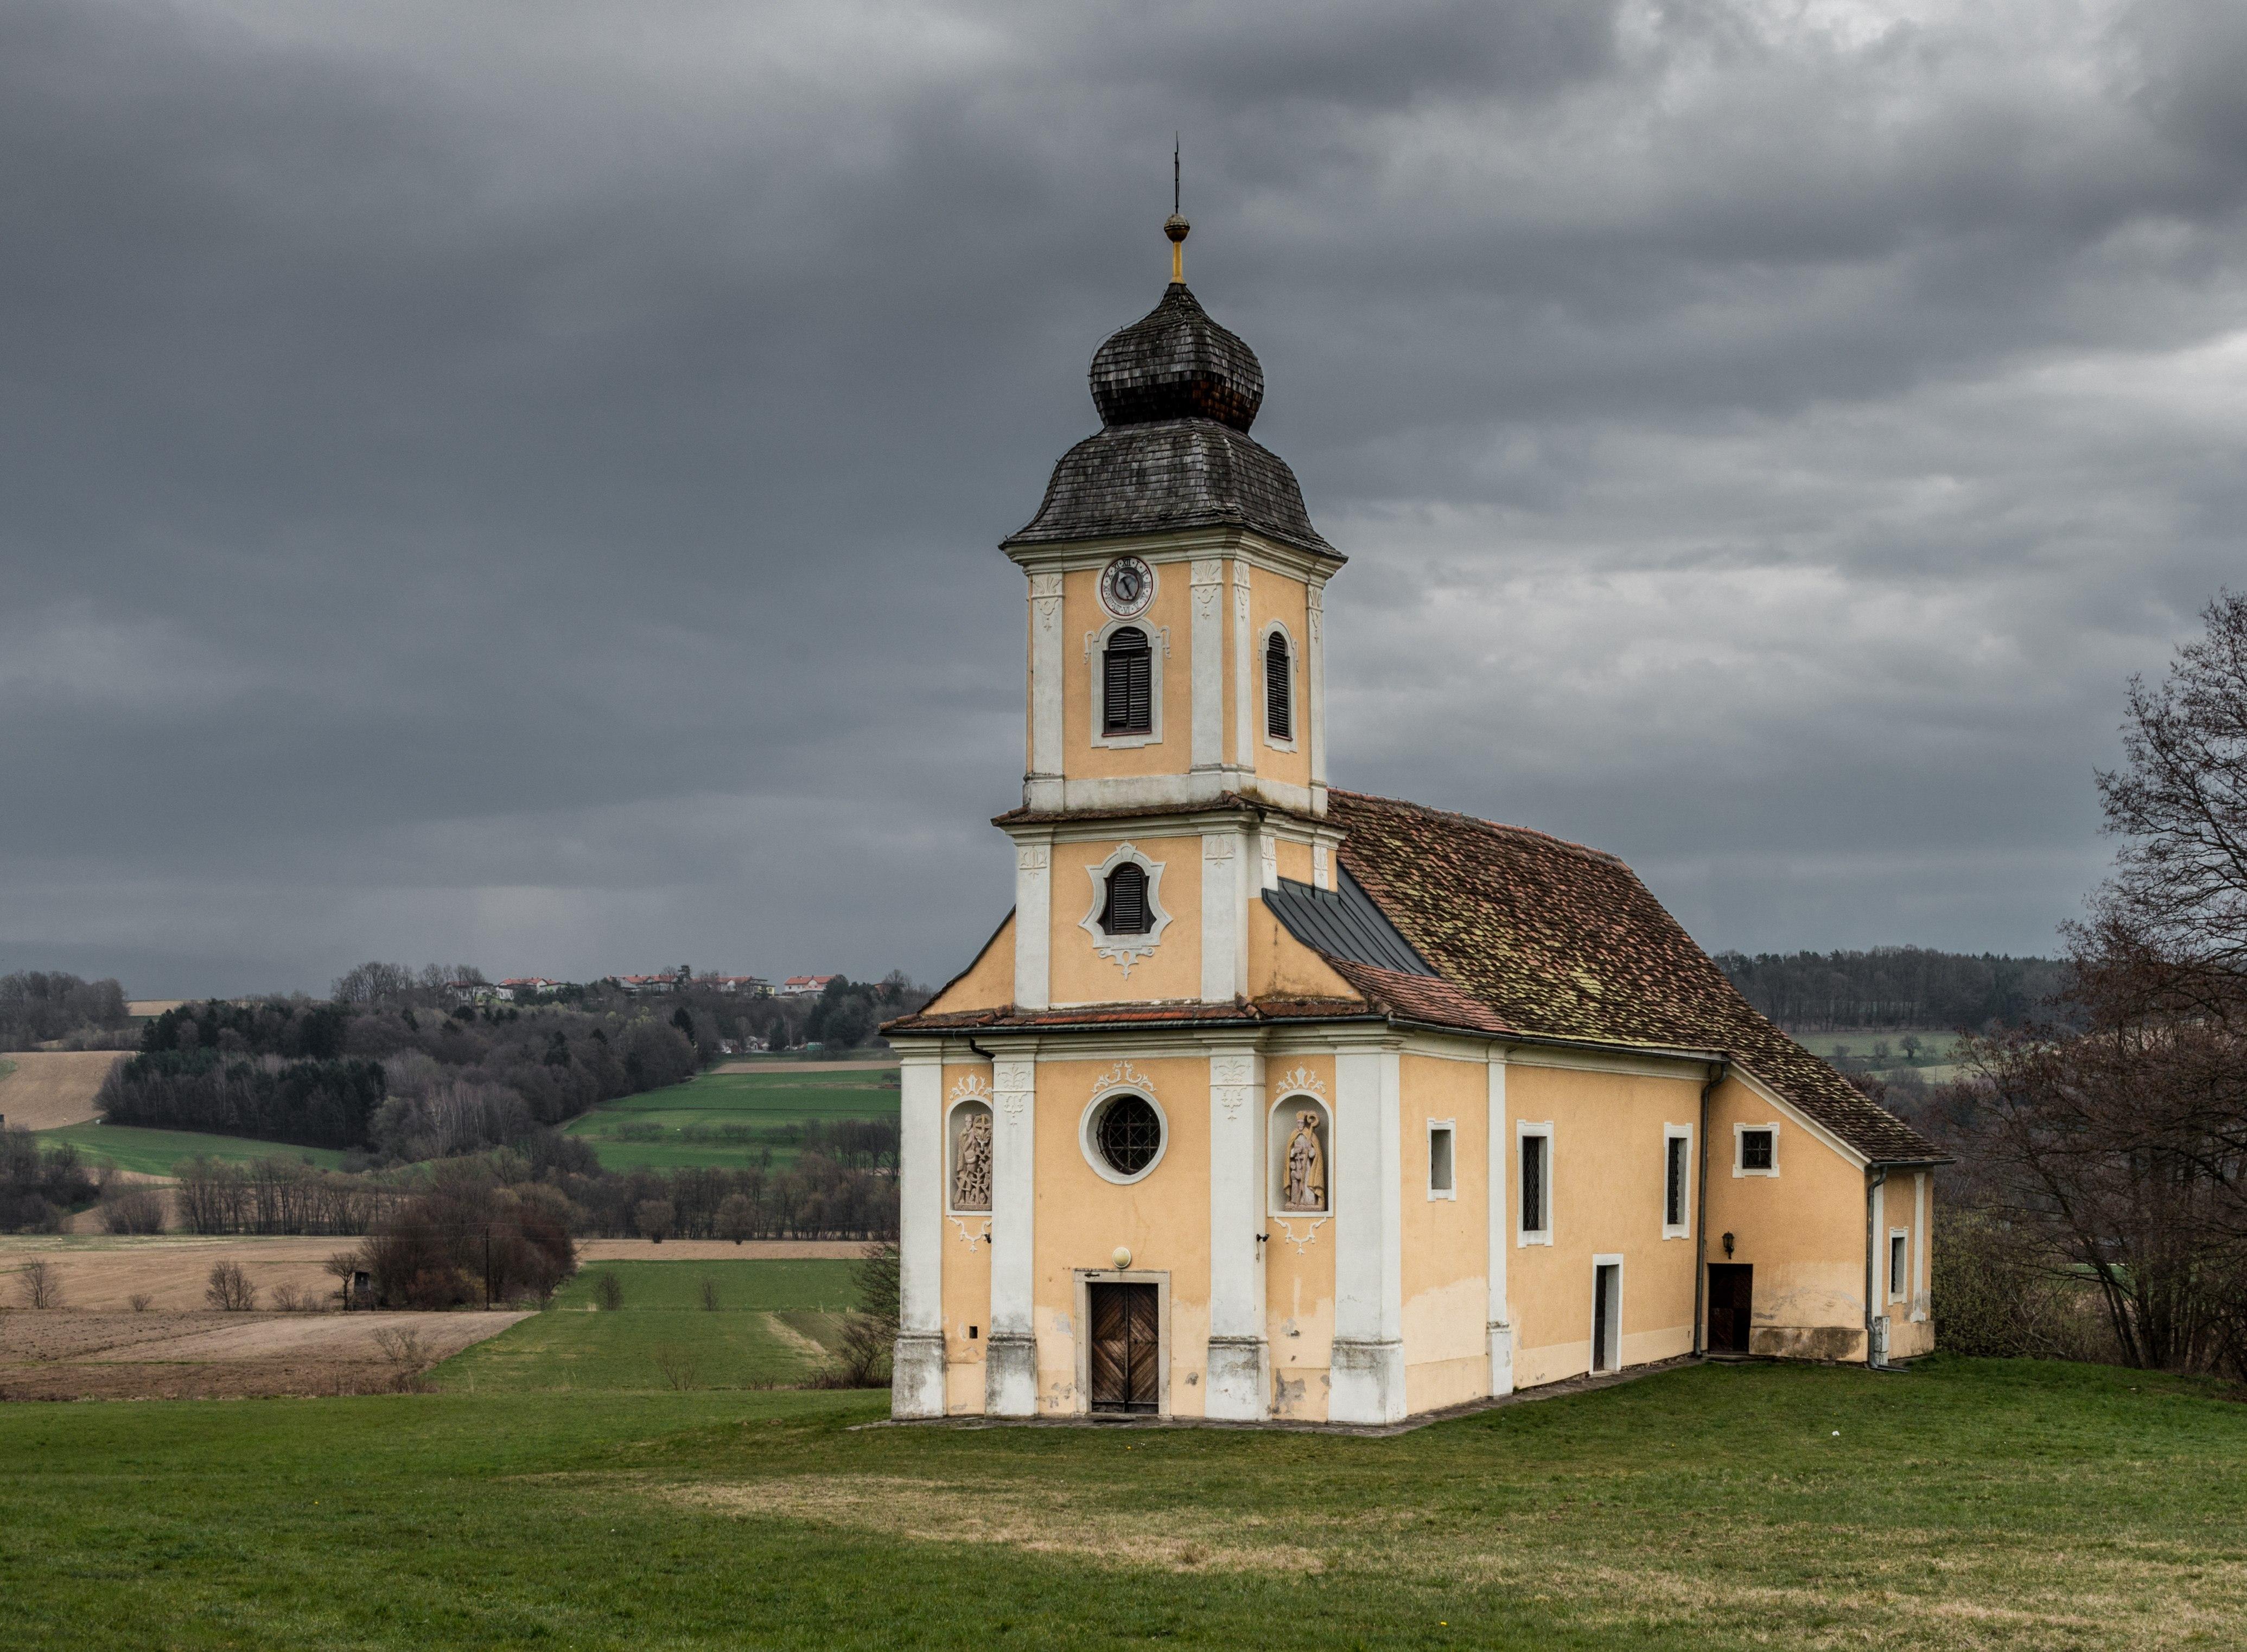 St. Ilgen